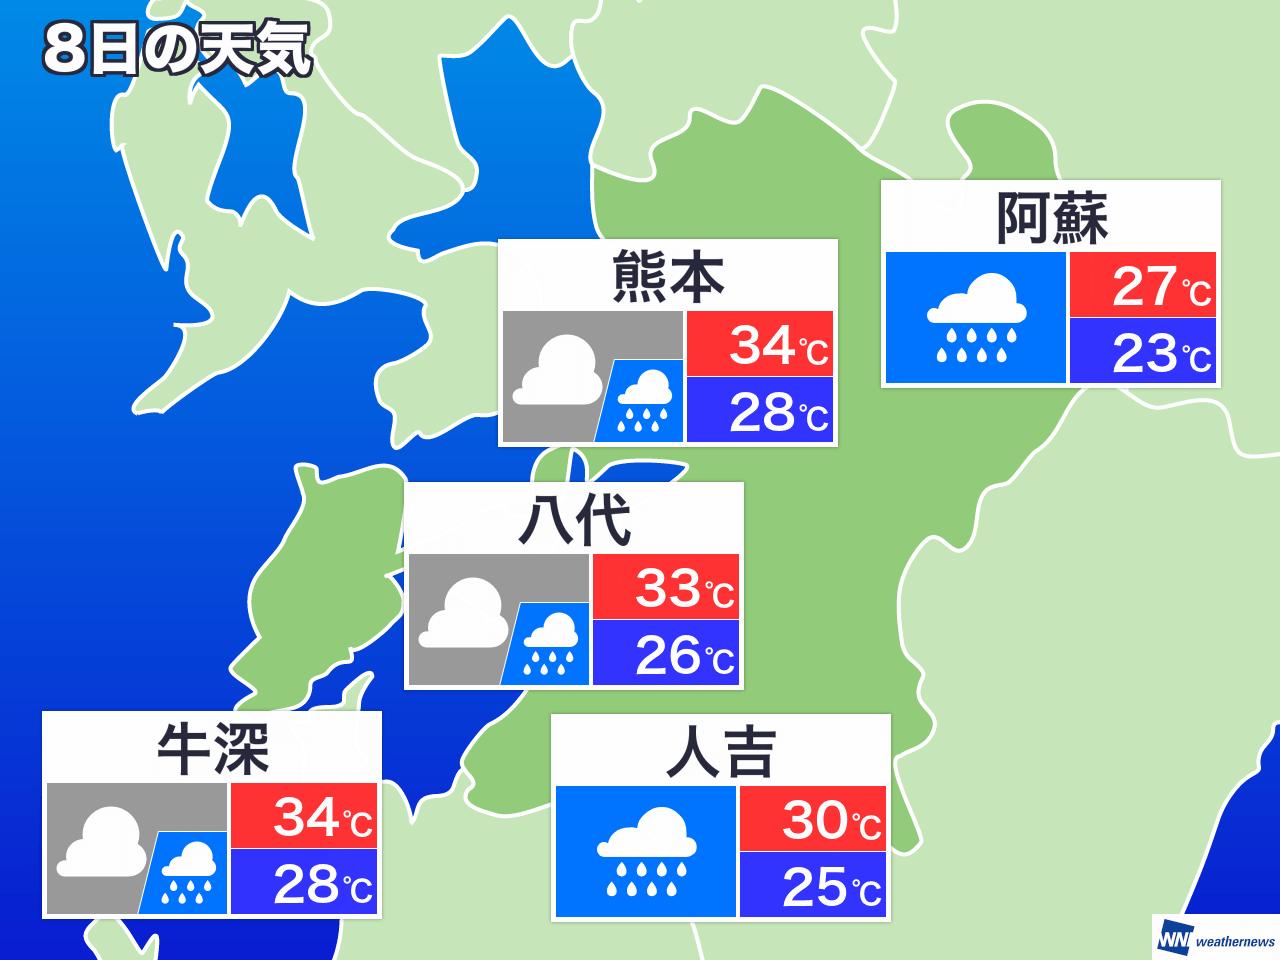 天気 予報 週間 熊本 「天気痛」週間予報 今週末は頭痛などに注意(ウェザーニュース)